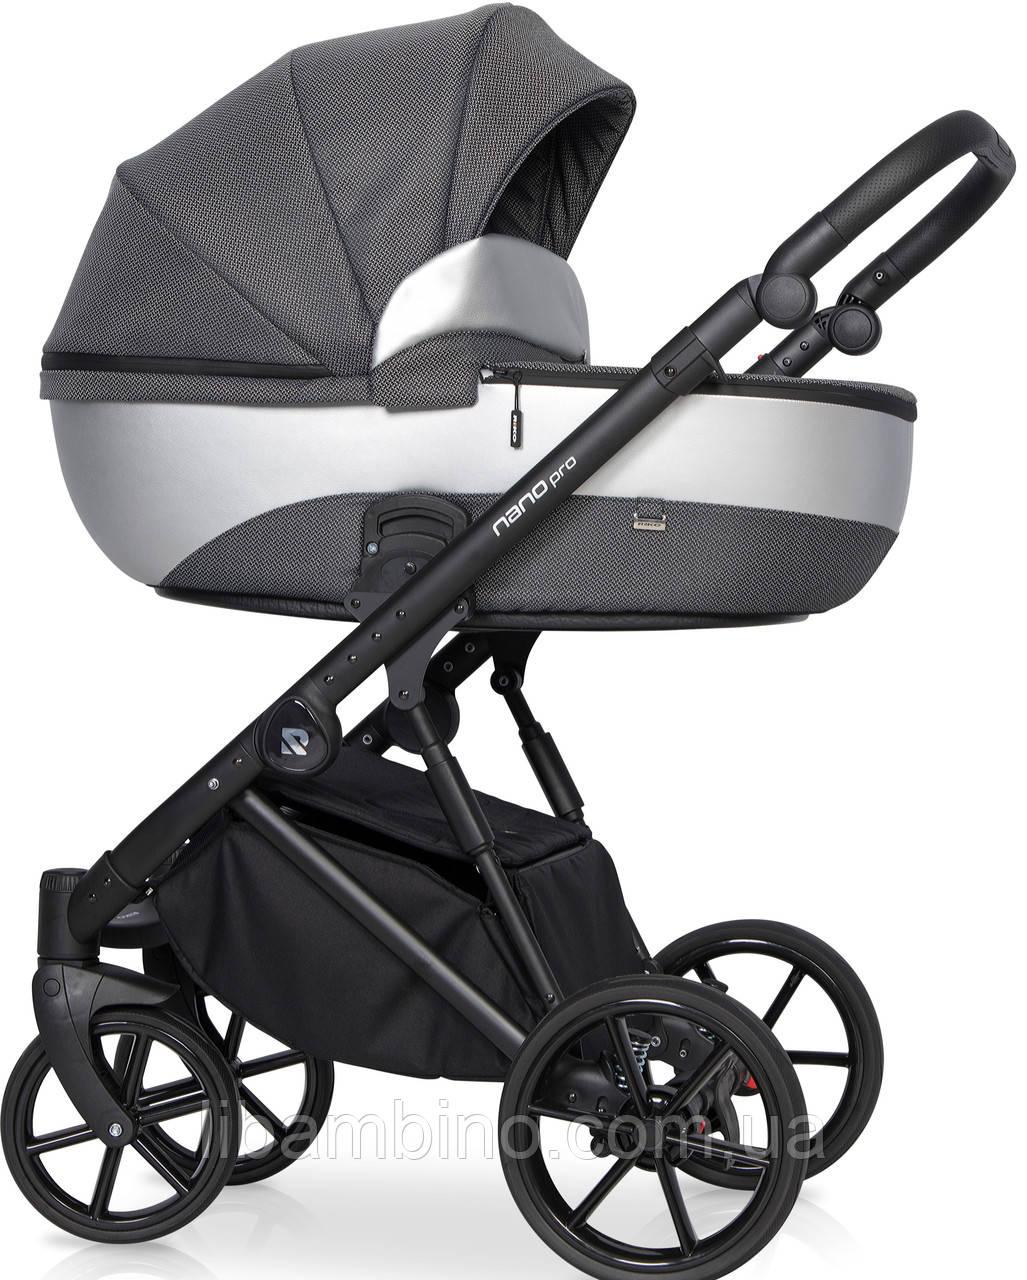 Дитяча універсальна коляска 2 в 1 Riko Nano Pro 02 Onyx